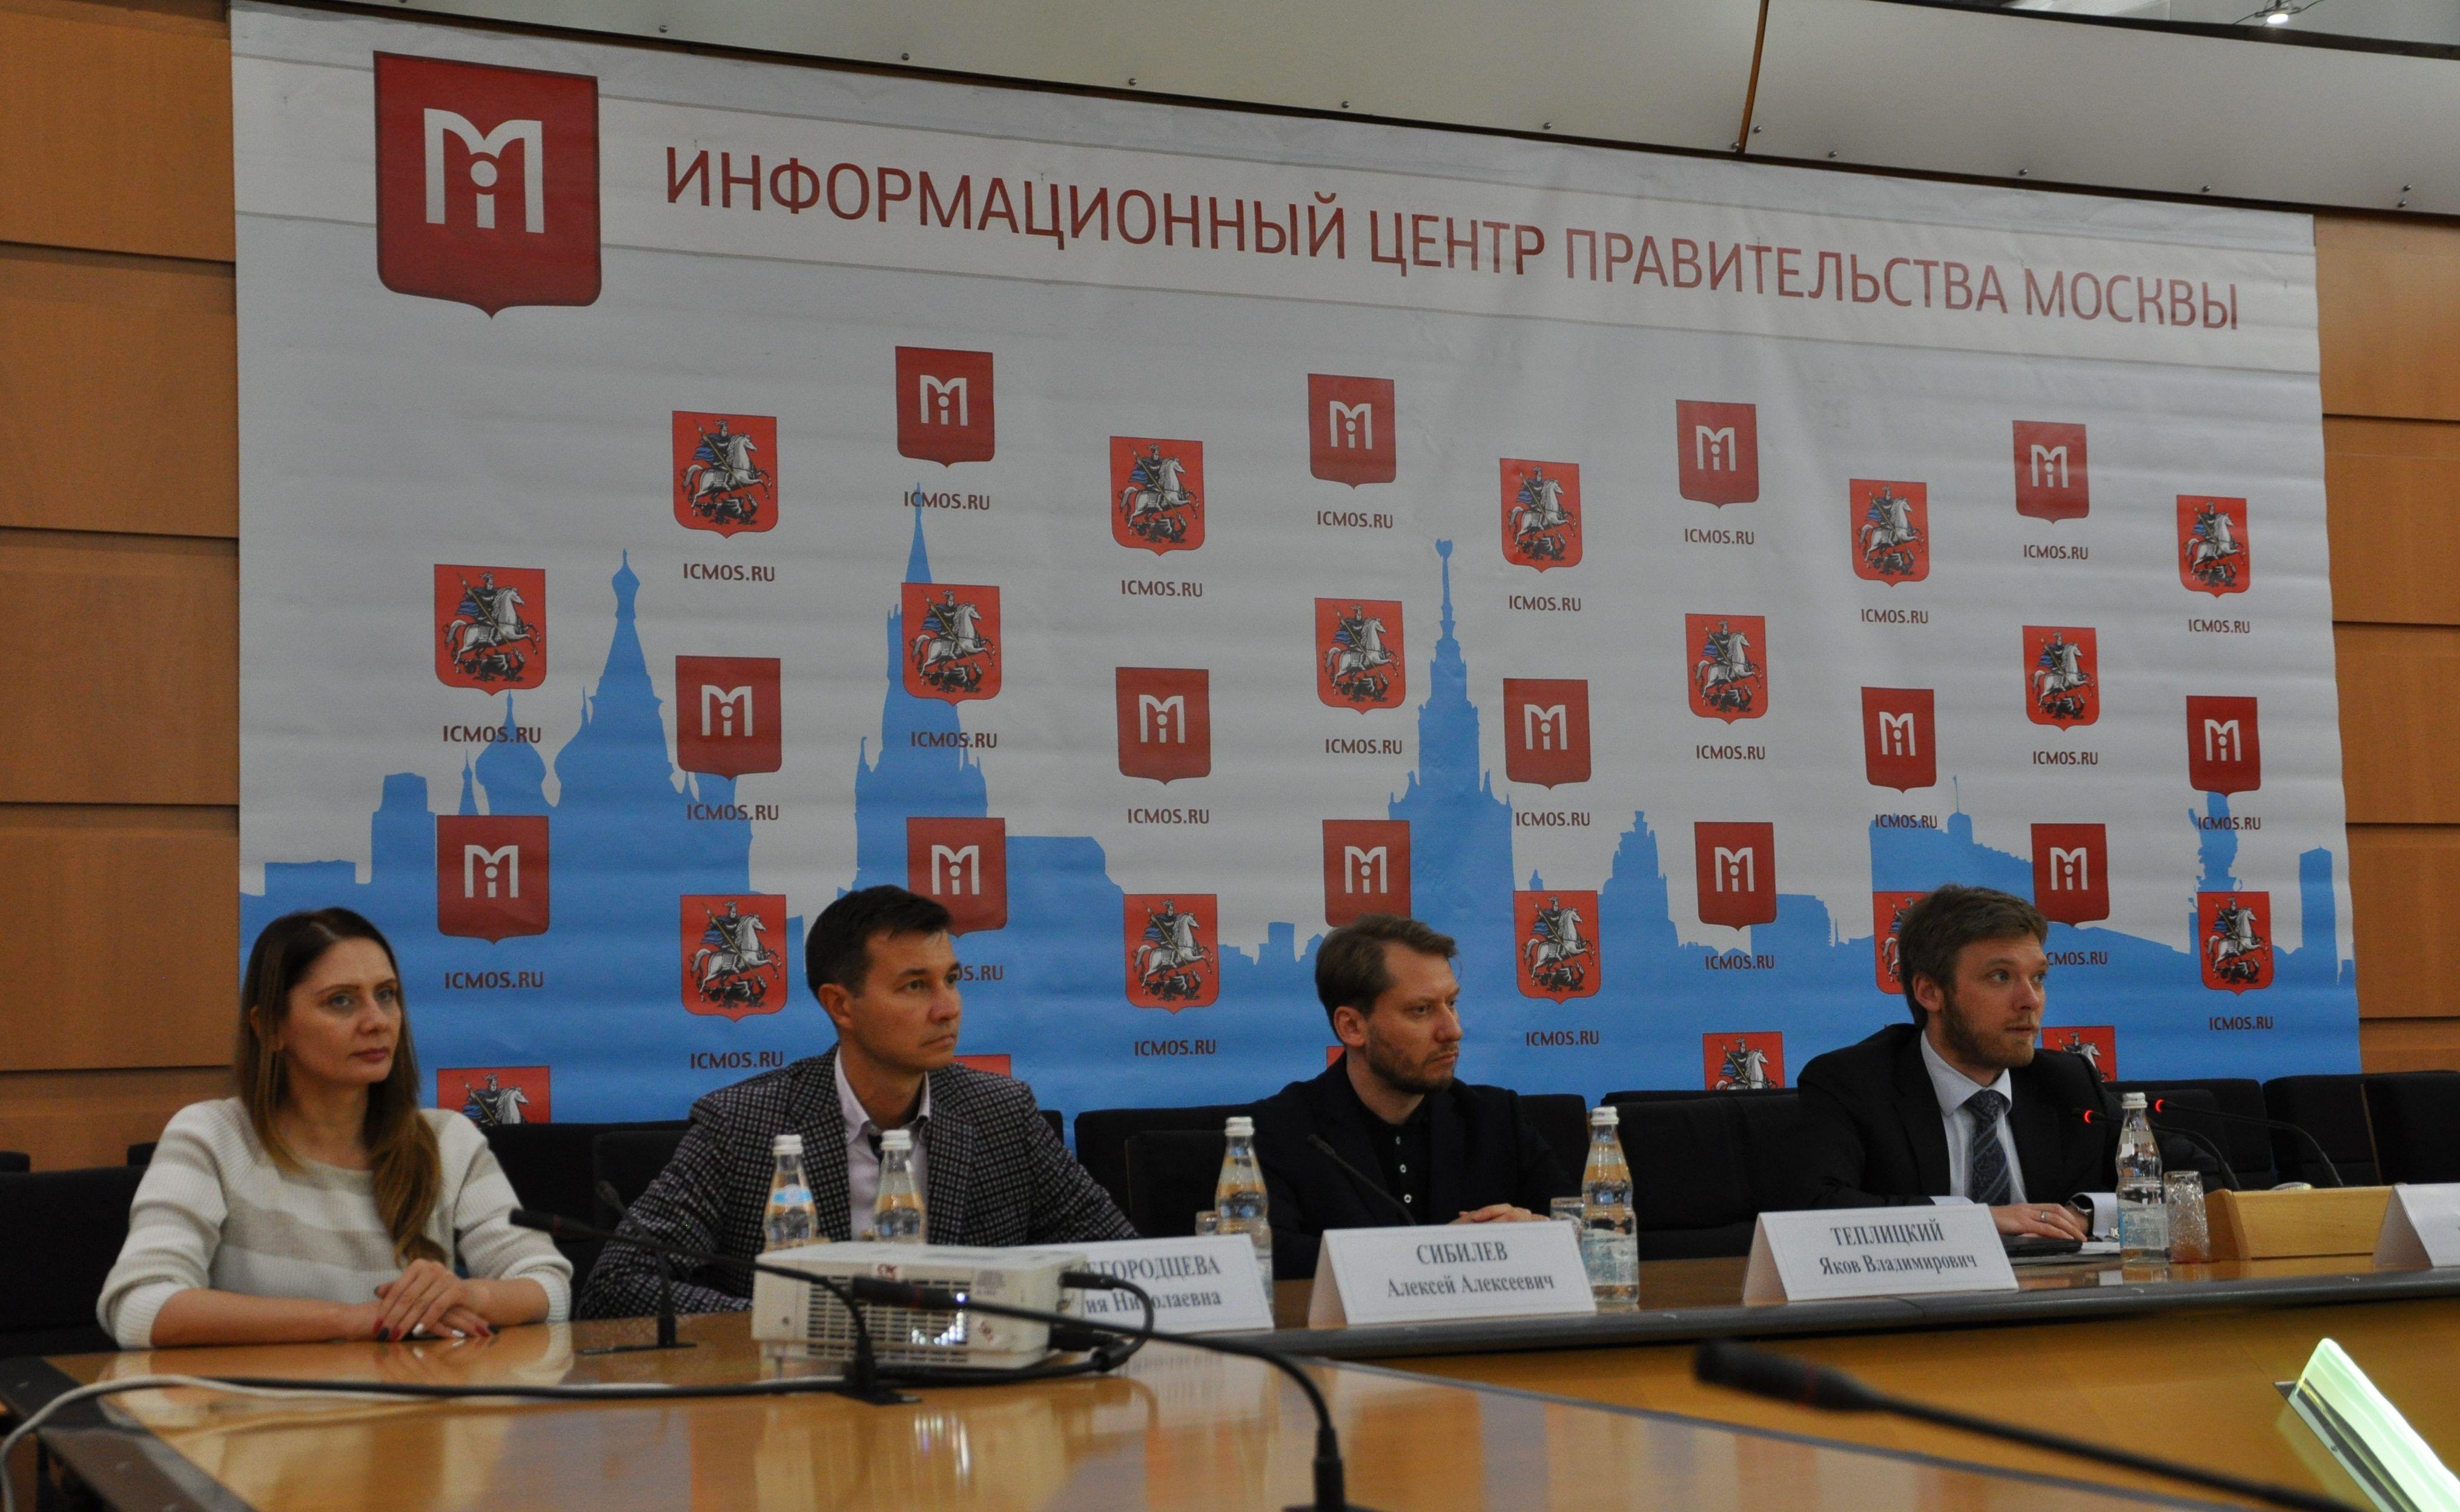 Конференция «Как стать экспортером с Московским экспортным центром. Бесплатные программы поддержки для столичных предпринимателей» состоялась в столице.